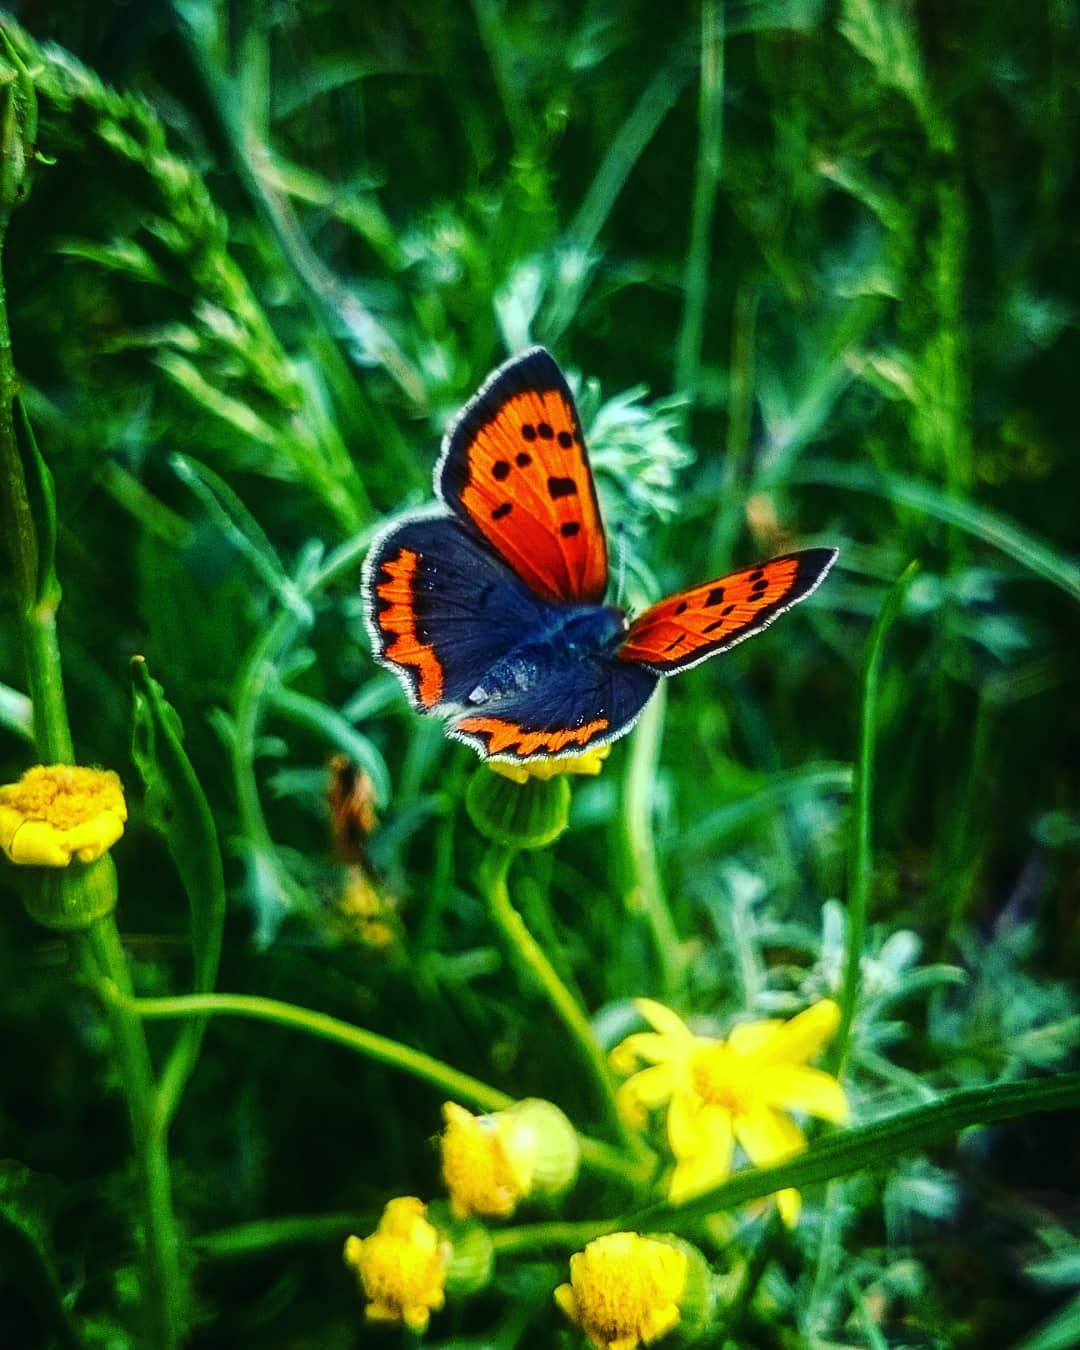 Сказочные цветочные снимки от Эртугрула Бекташа